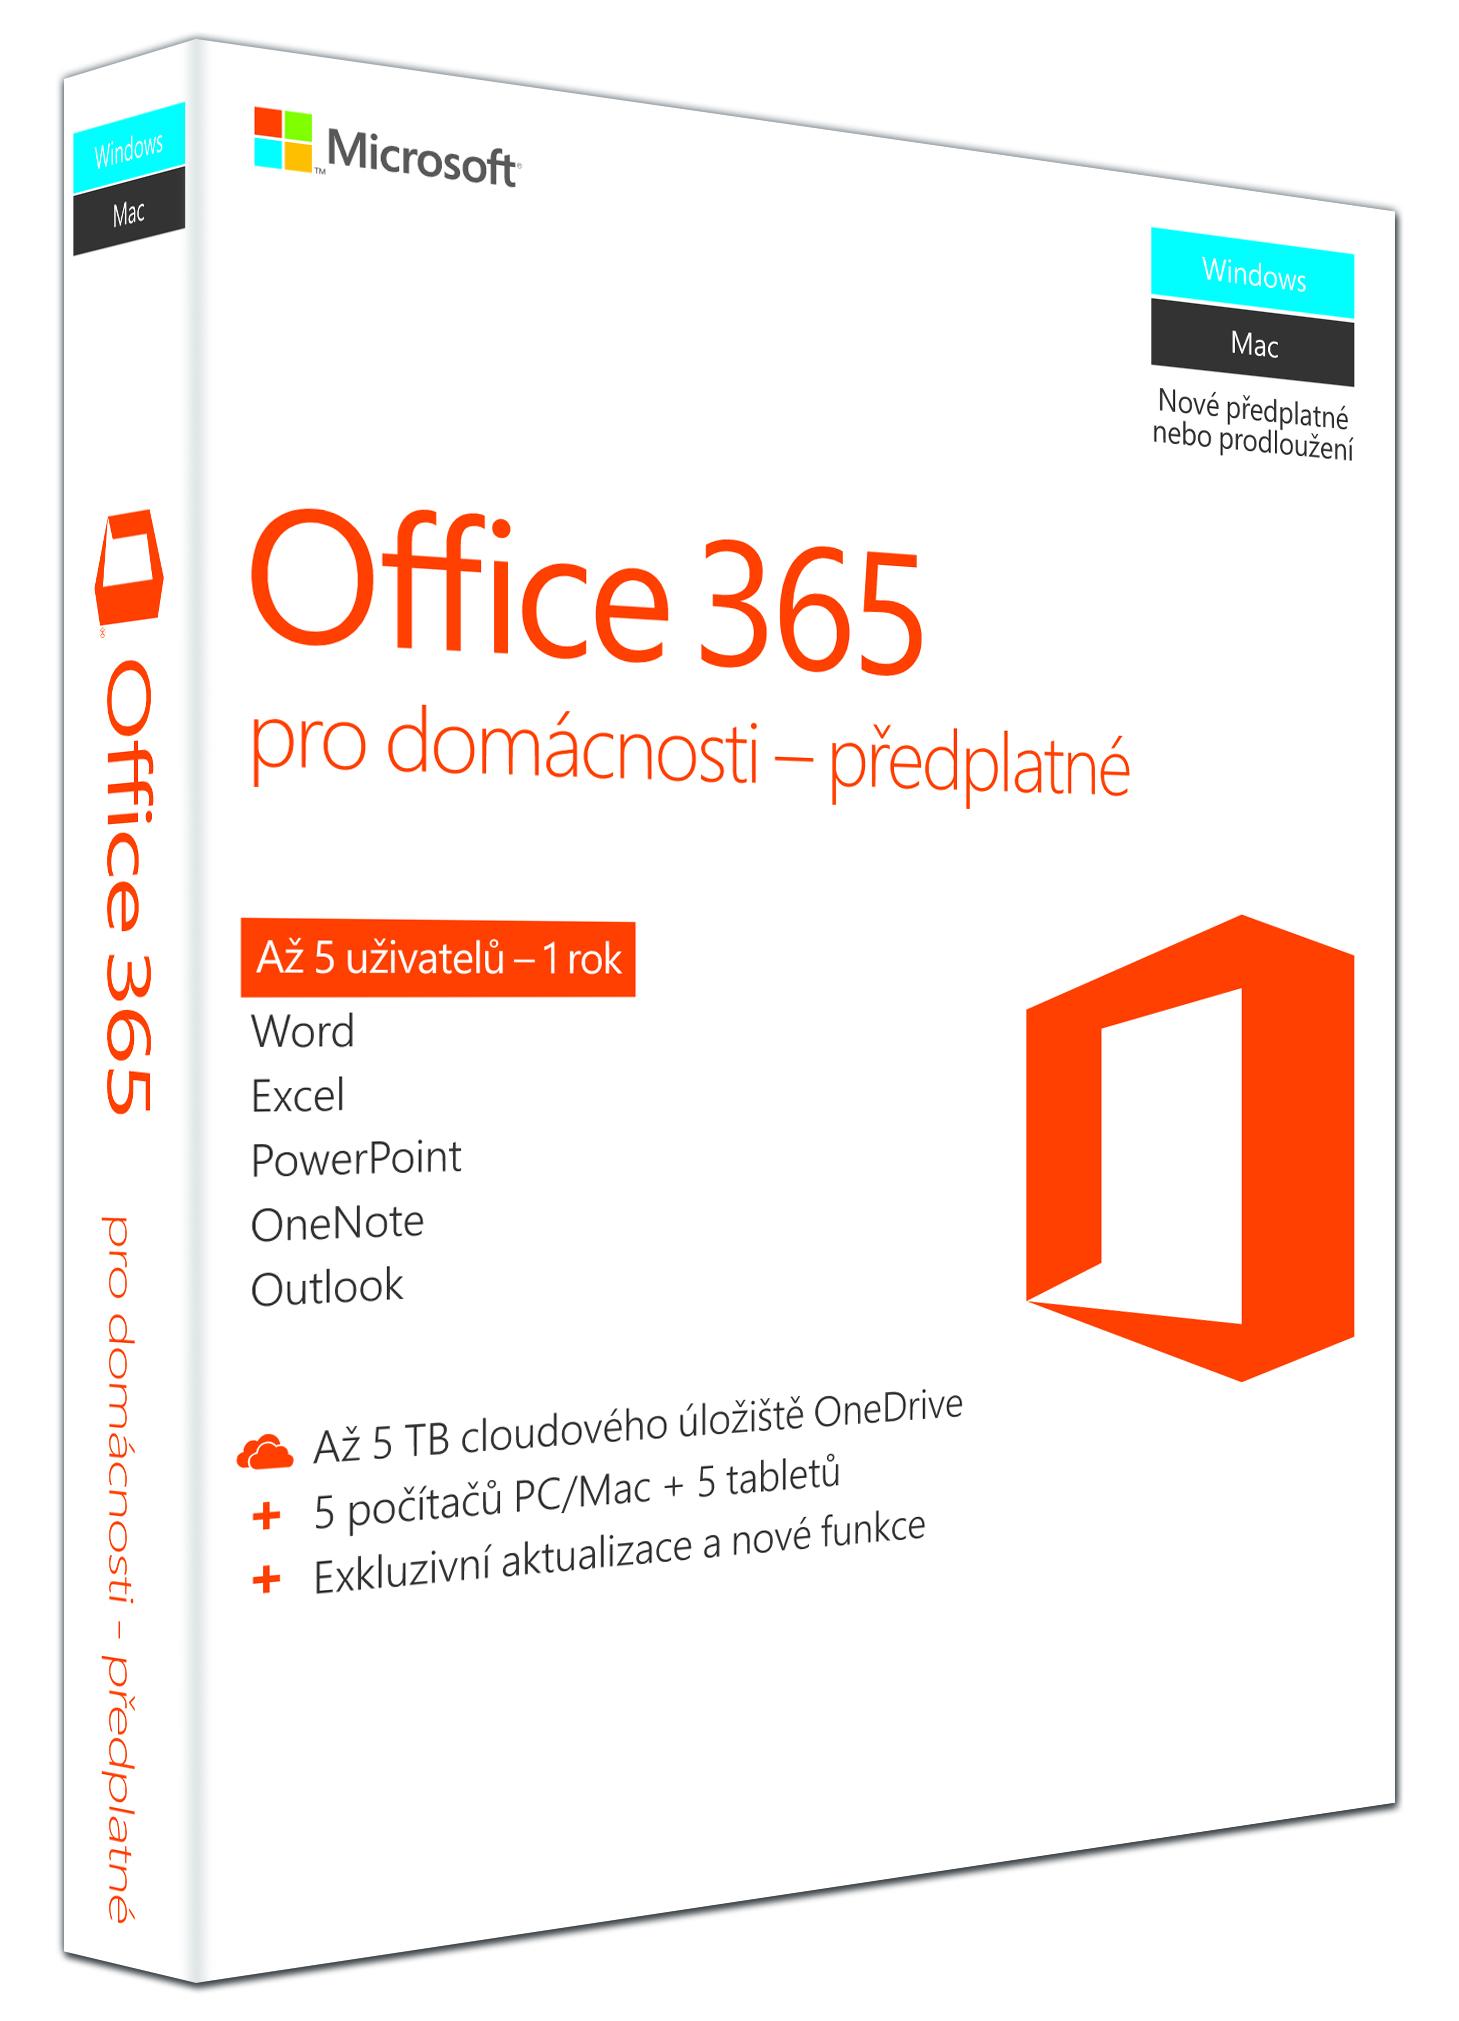 Office 365 pro domácnosti 32-bit/x64 CZ - předplatné na 1 rok